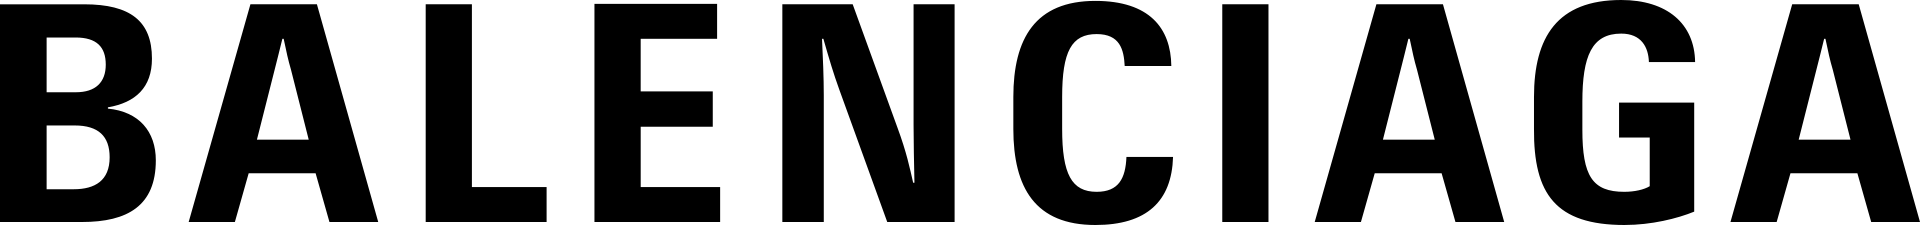 더플렉스 theflex 레플리카 쇼핑몰 미러샵 레플리카 미러급 미러숍 pk공장 pk갓버전 zh공장 g5공장 h12공장 og공장 x공장 홍콩명품 오프화이트 이지부스트 나이키 발렌시아가 루이비통 샤넬 구찌 프라다 에르메스 발렌티노 고야드 골든구스 크롬하츠 톰브라운 슈프림 피어오브갓 CPFM 베트멍 스톤아일랜드 몽클레어 캐나다구스 무스너클